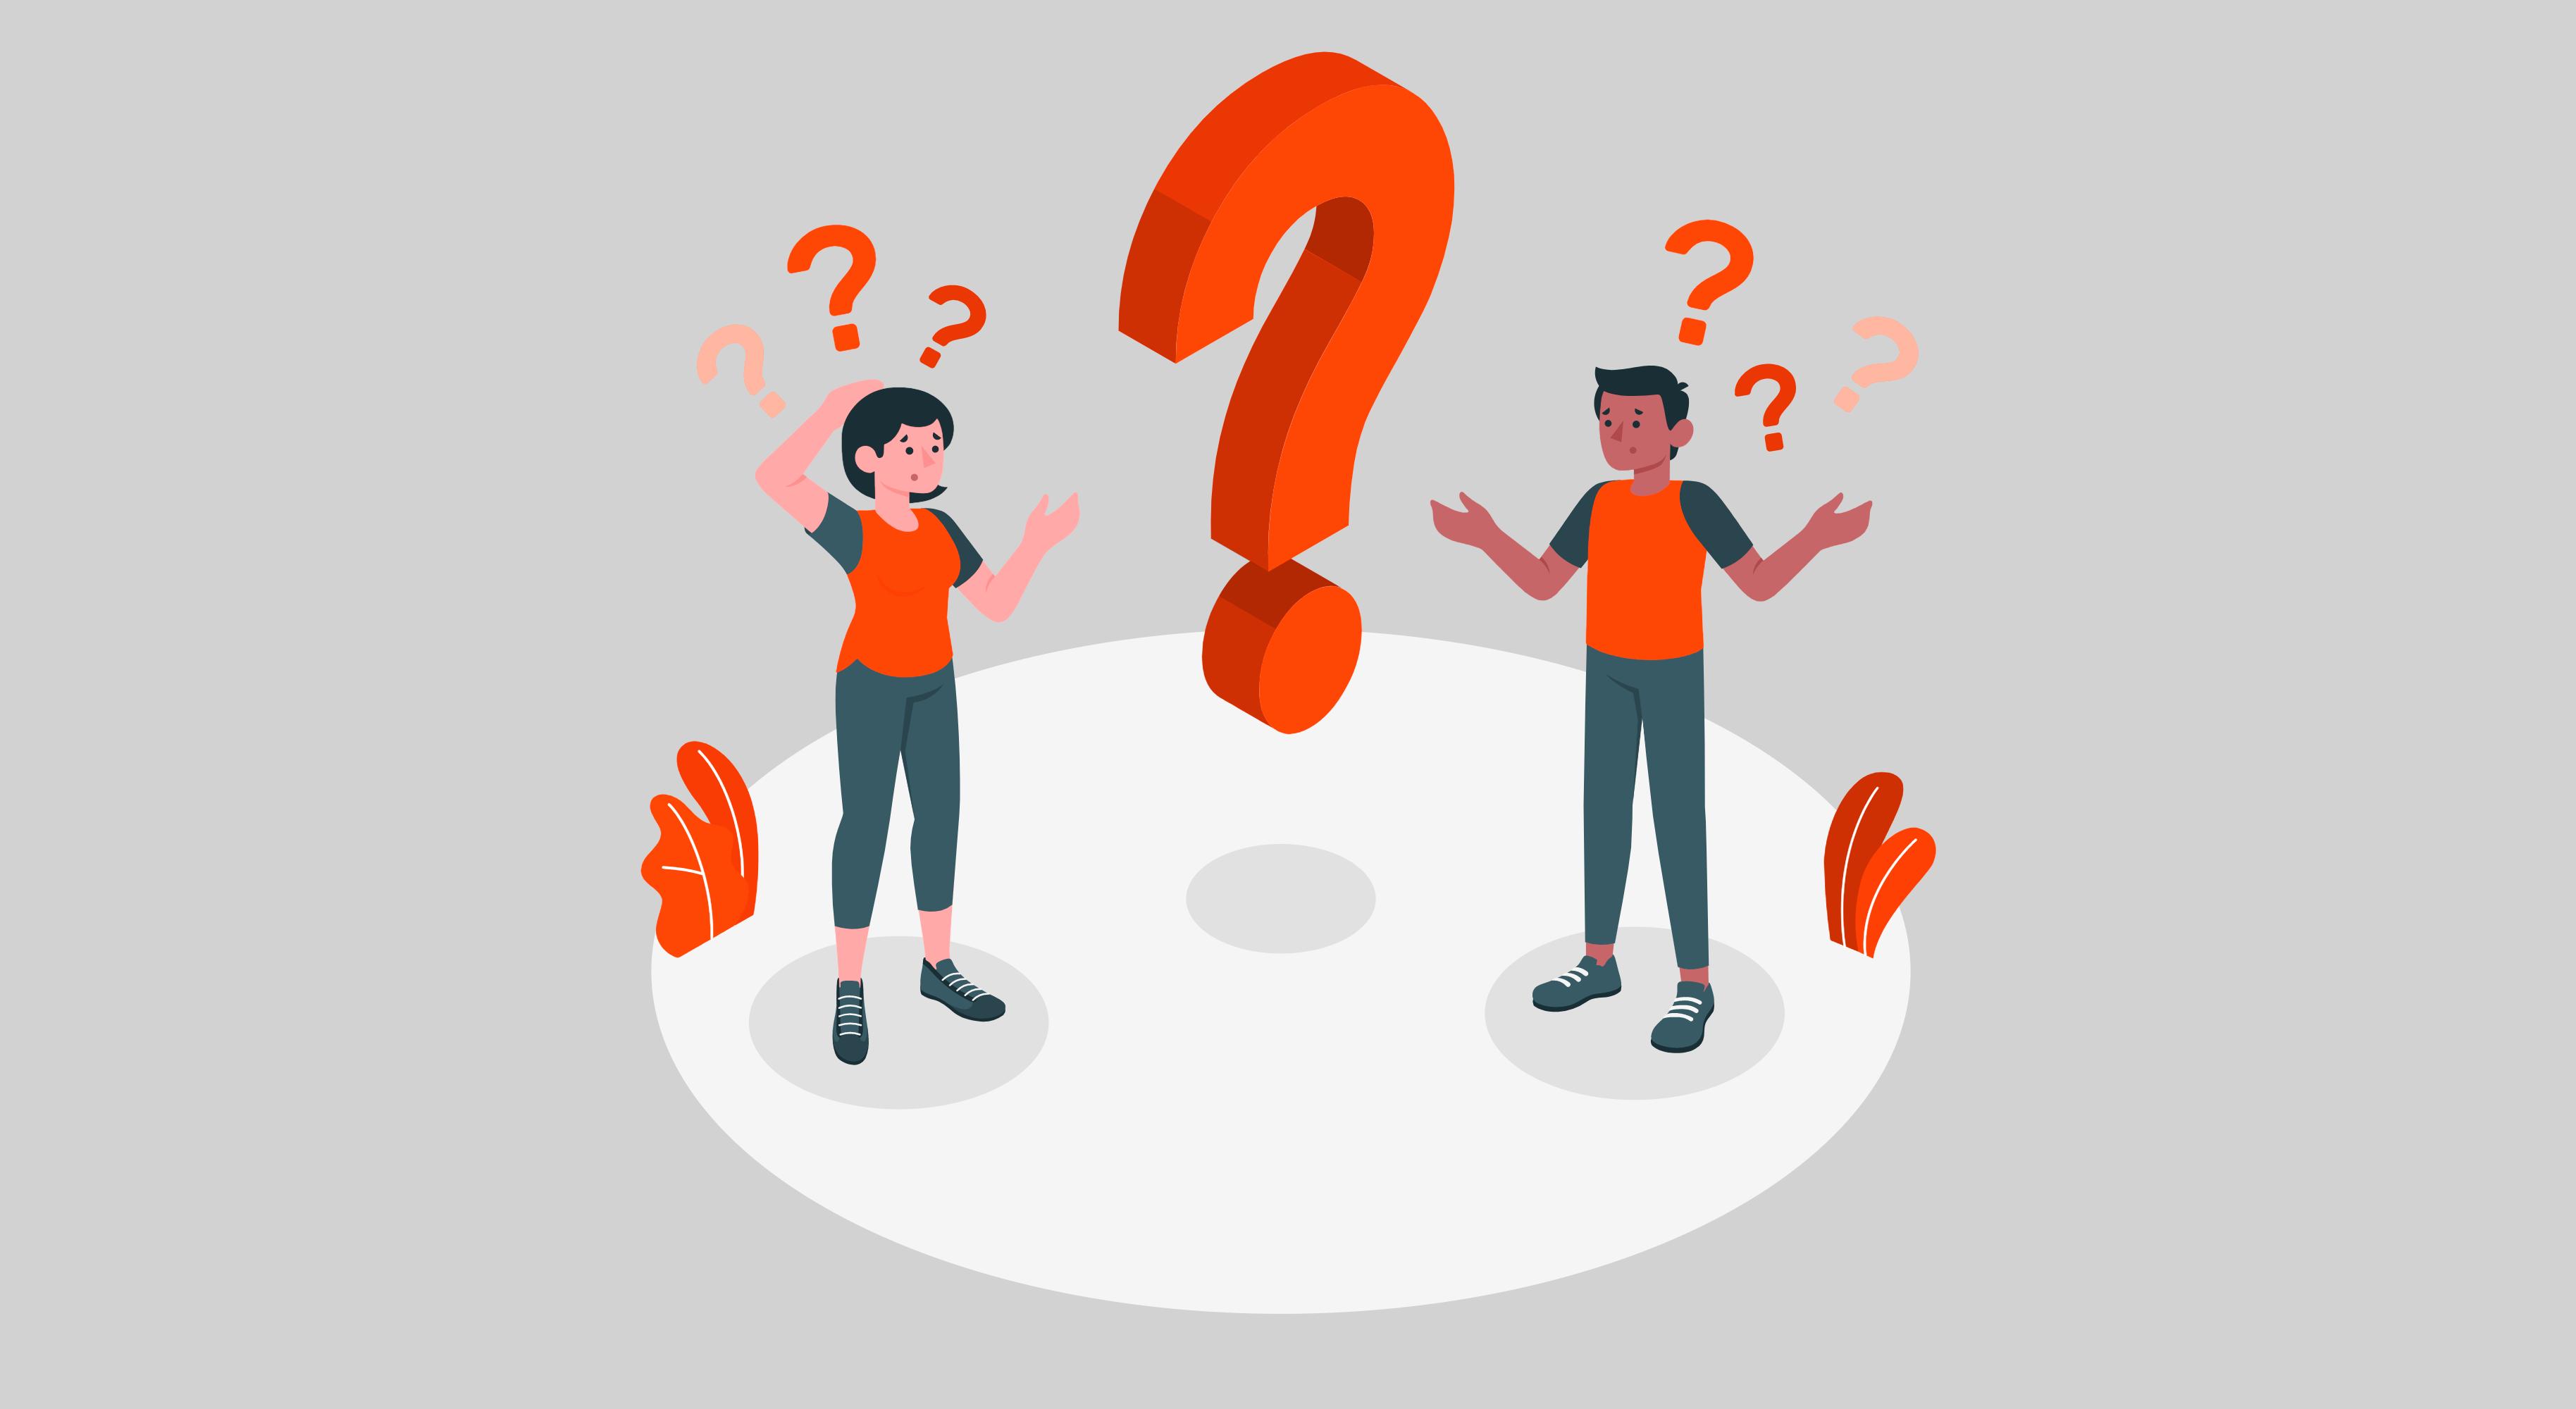 [Quiz] Você está realizando corretamente o processo de pós-venda? Faça o teste e descubra!